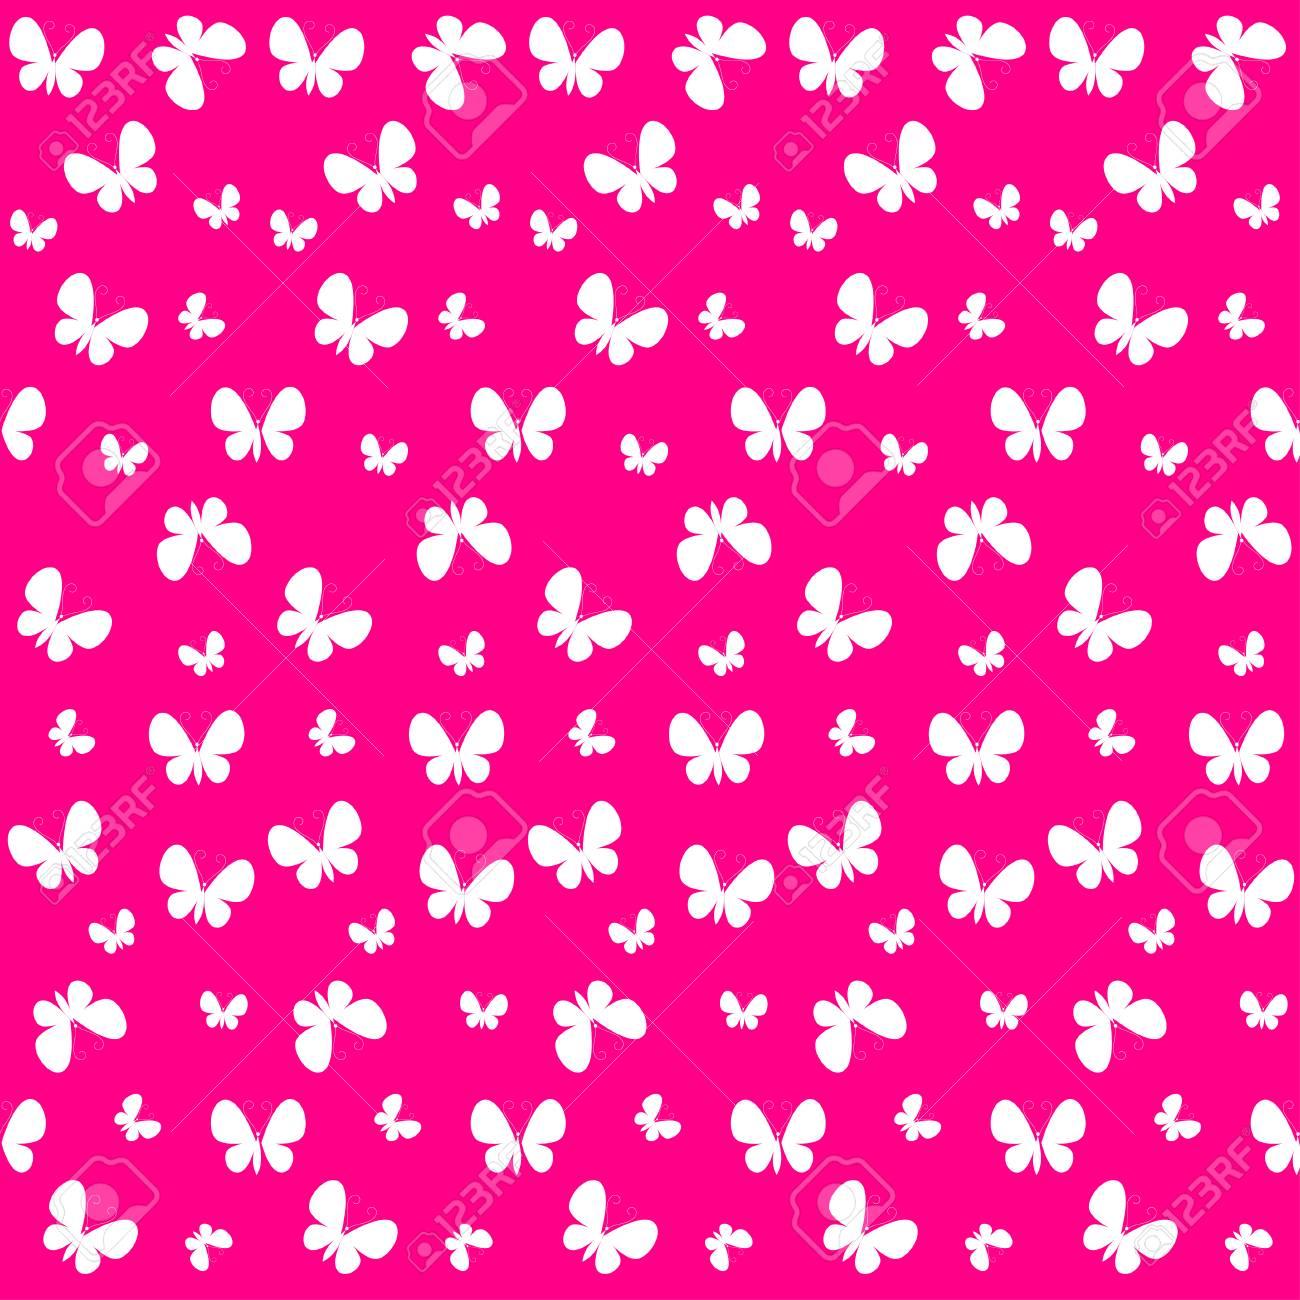 Vettoriale Carino Seamless Con Farfalle Bianche Sulla Rosa Può